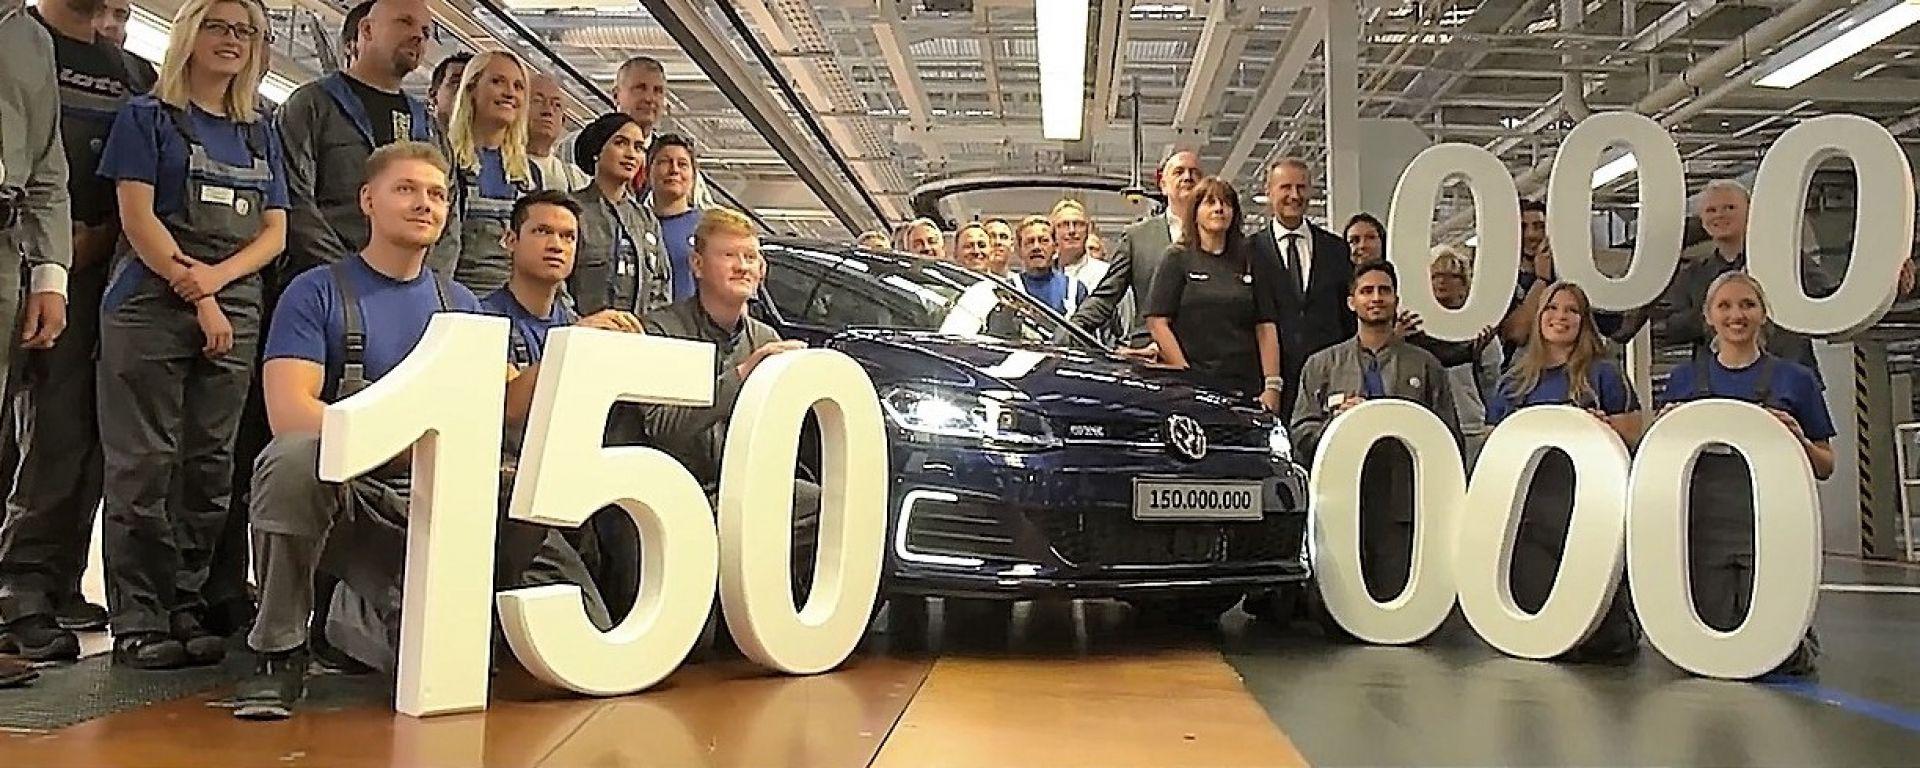 La Volkswagen numero 150 milioni è una Golf GTE